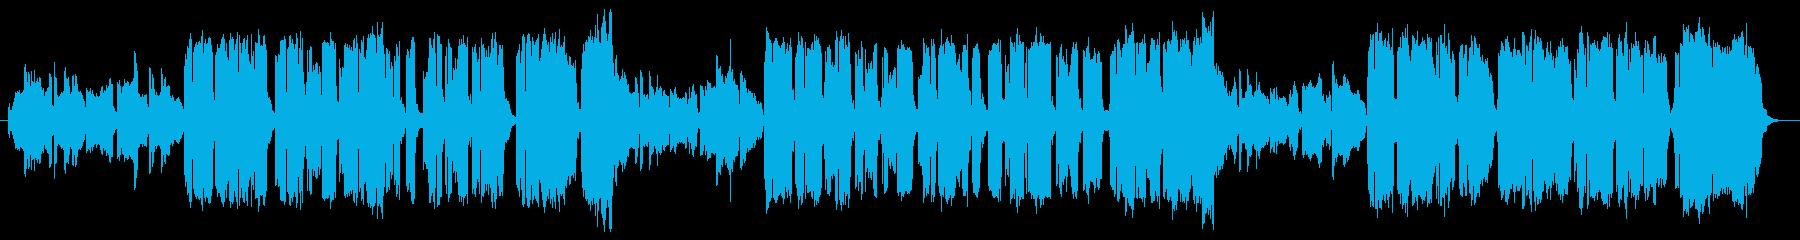 モンゴル民族楽器バウーとアカペラの掛け合の再生済みの波形